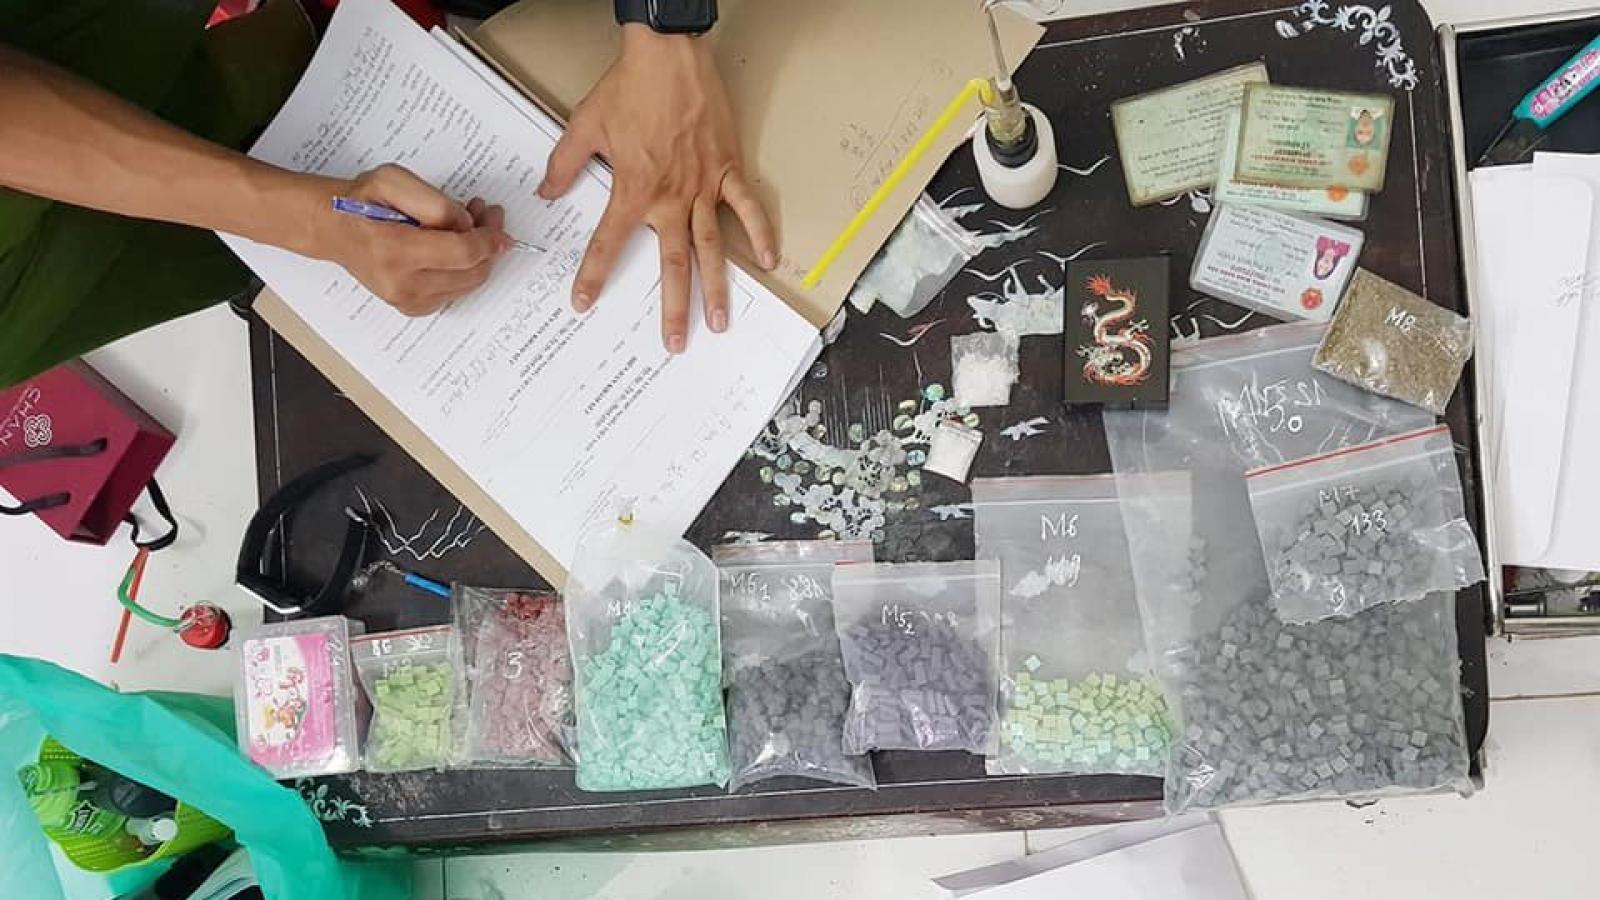 Con nghiện mở xưởng sản xuất ma túy khủng ở Bình Dương